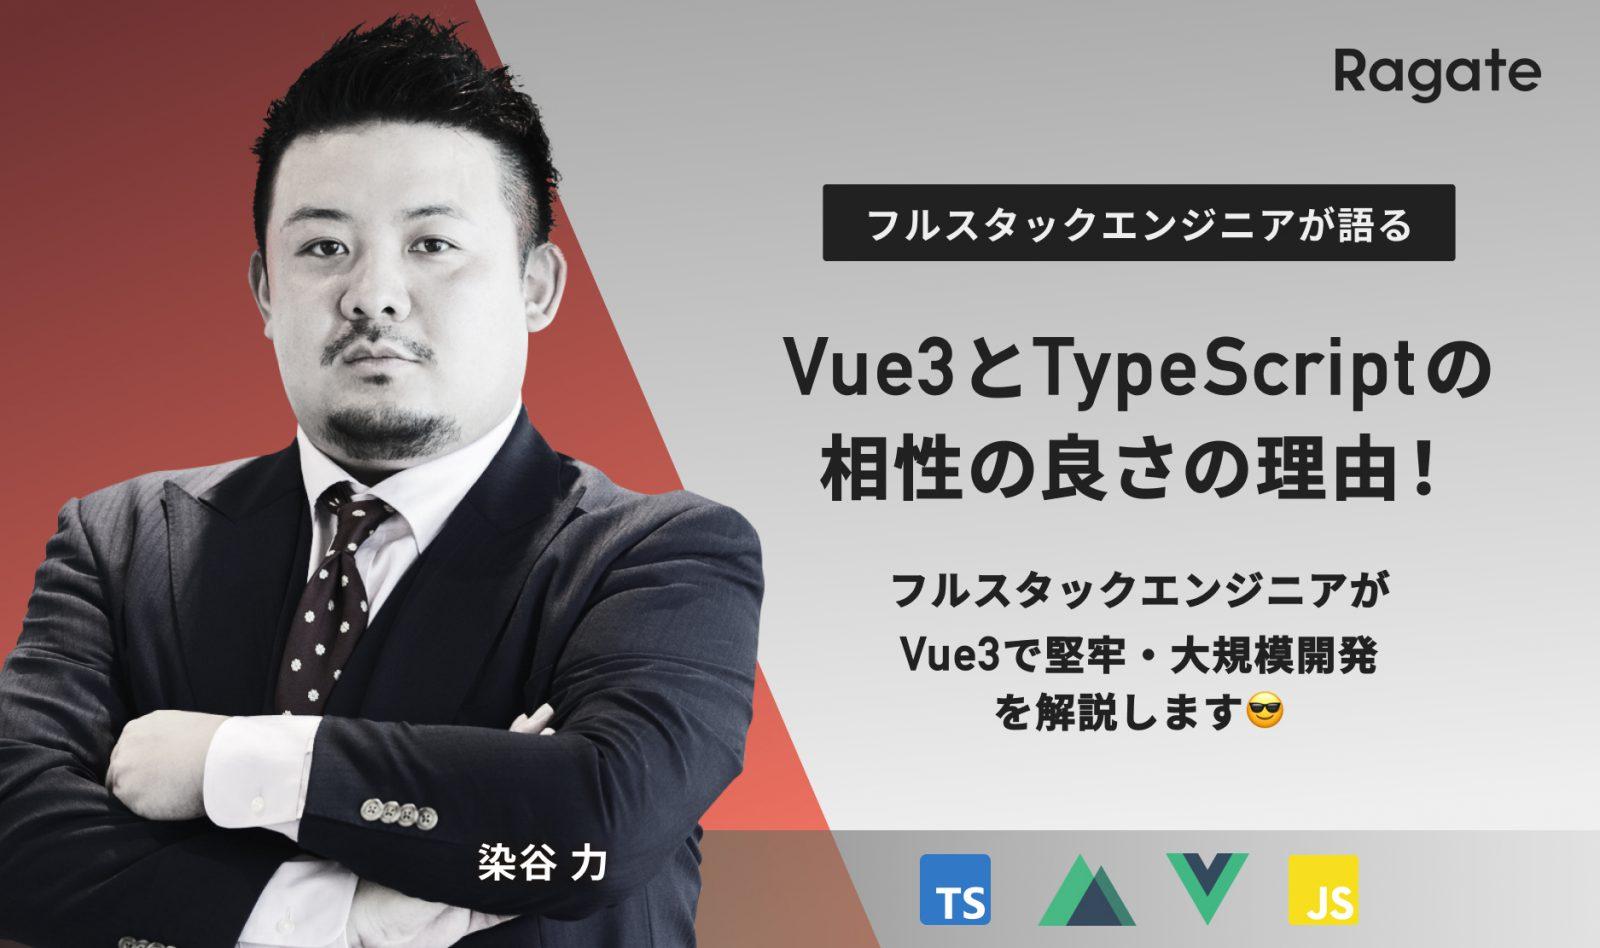 Vue3とTypeScriptの相性の良さの理由!フルスタックエンジニアがVue3で堅牢・大規模開発を解説します😎